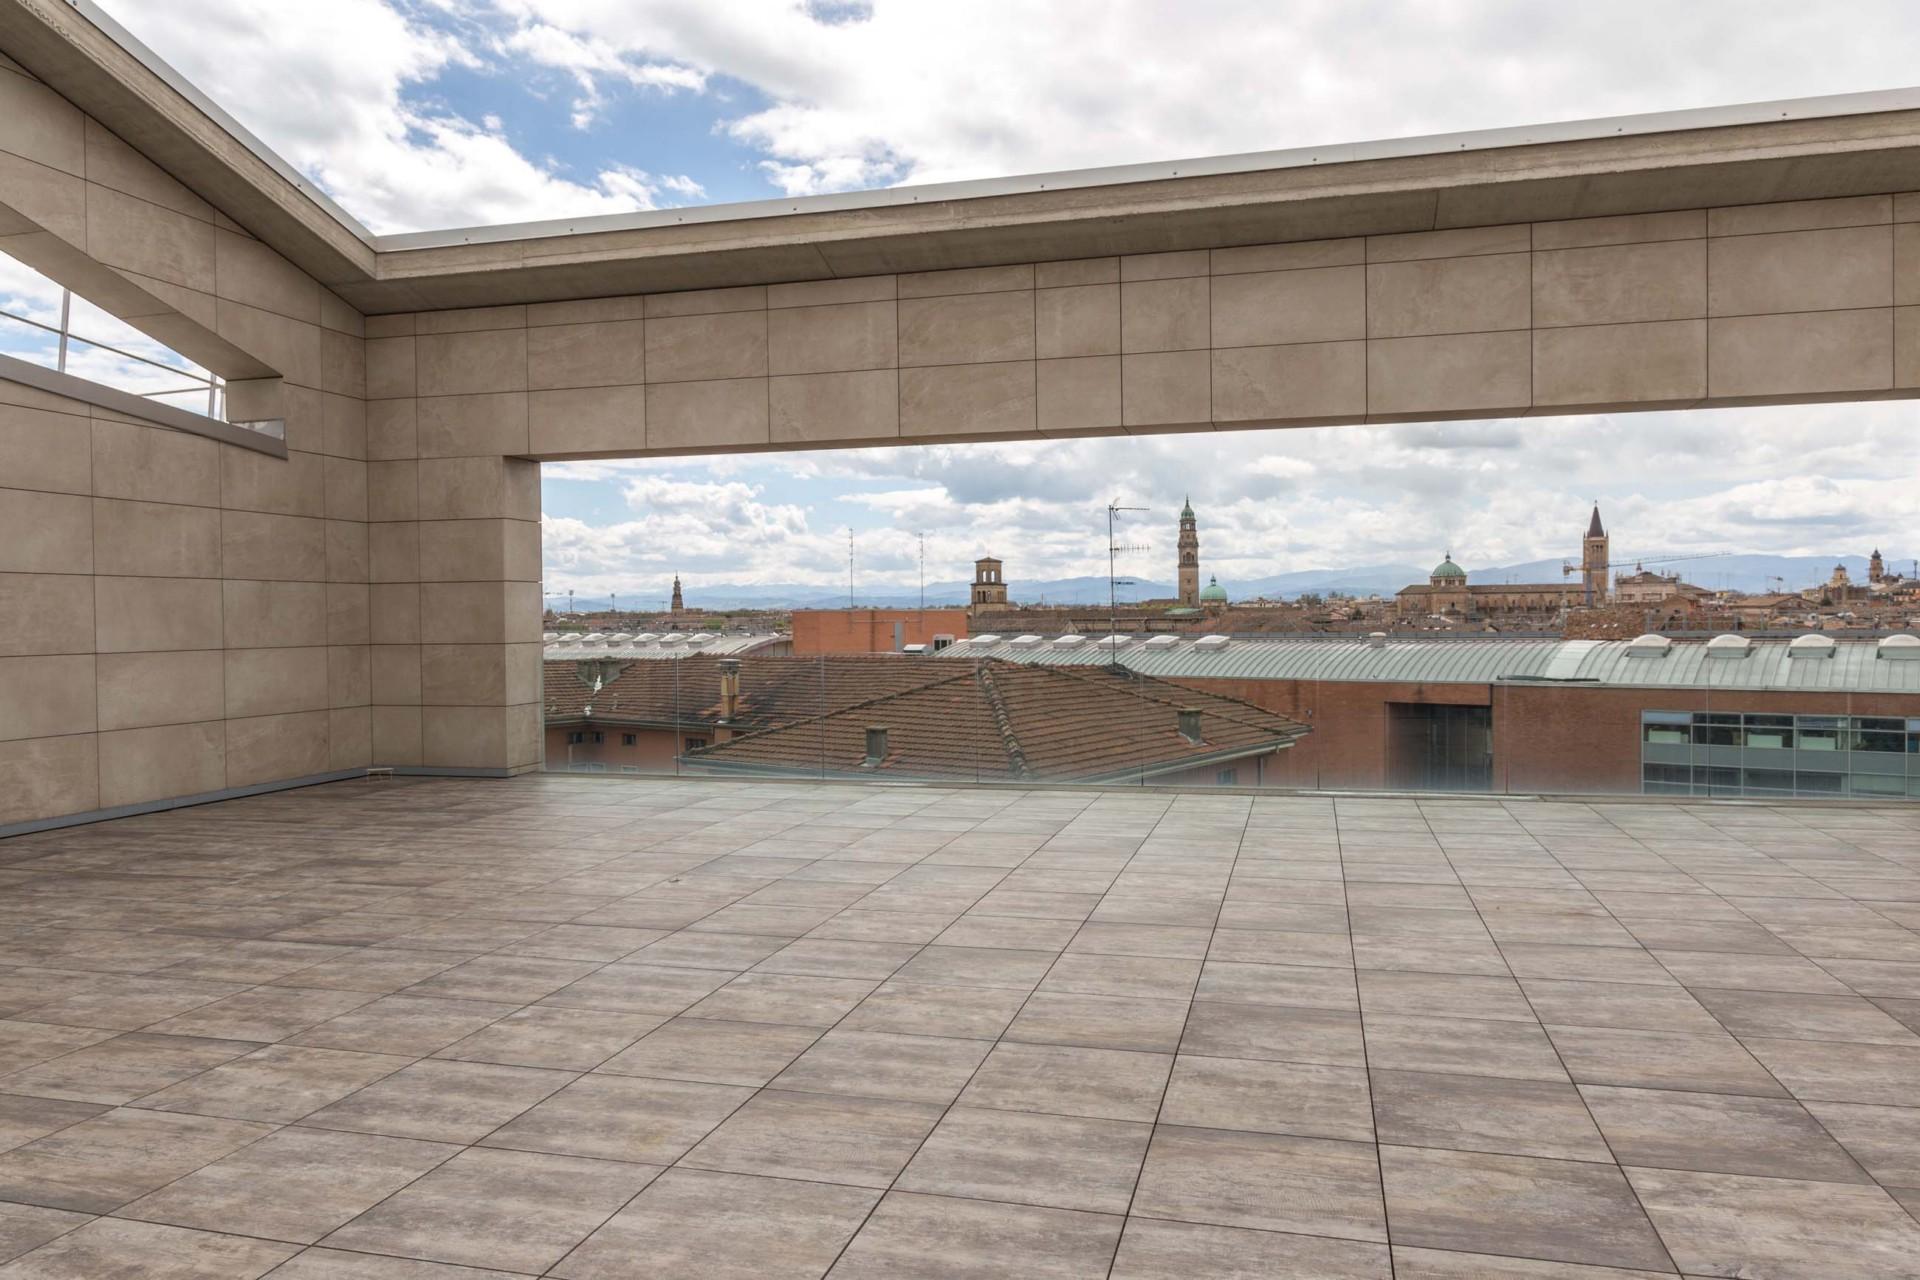 Neues Territoriales Zentrum fuer Kinderheilkunde von Parma: Material ...